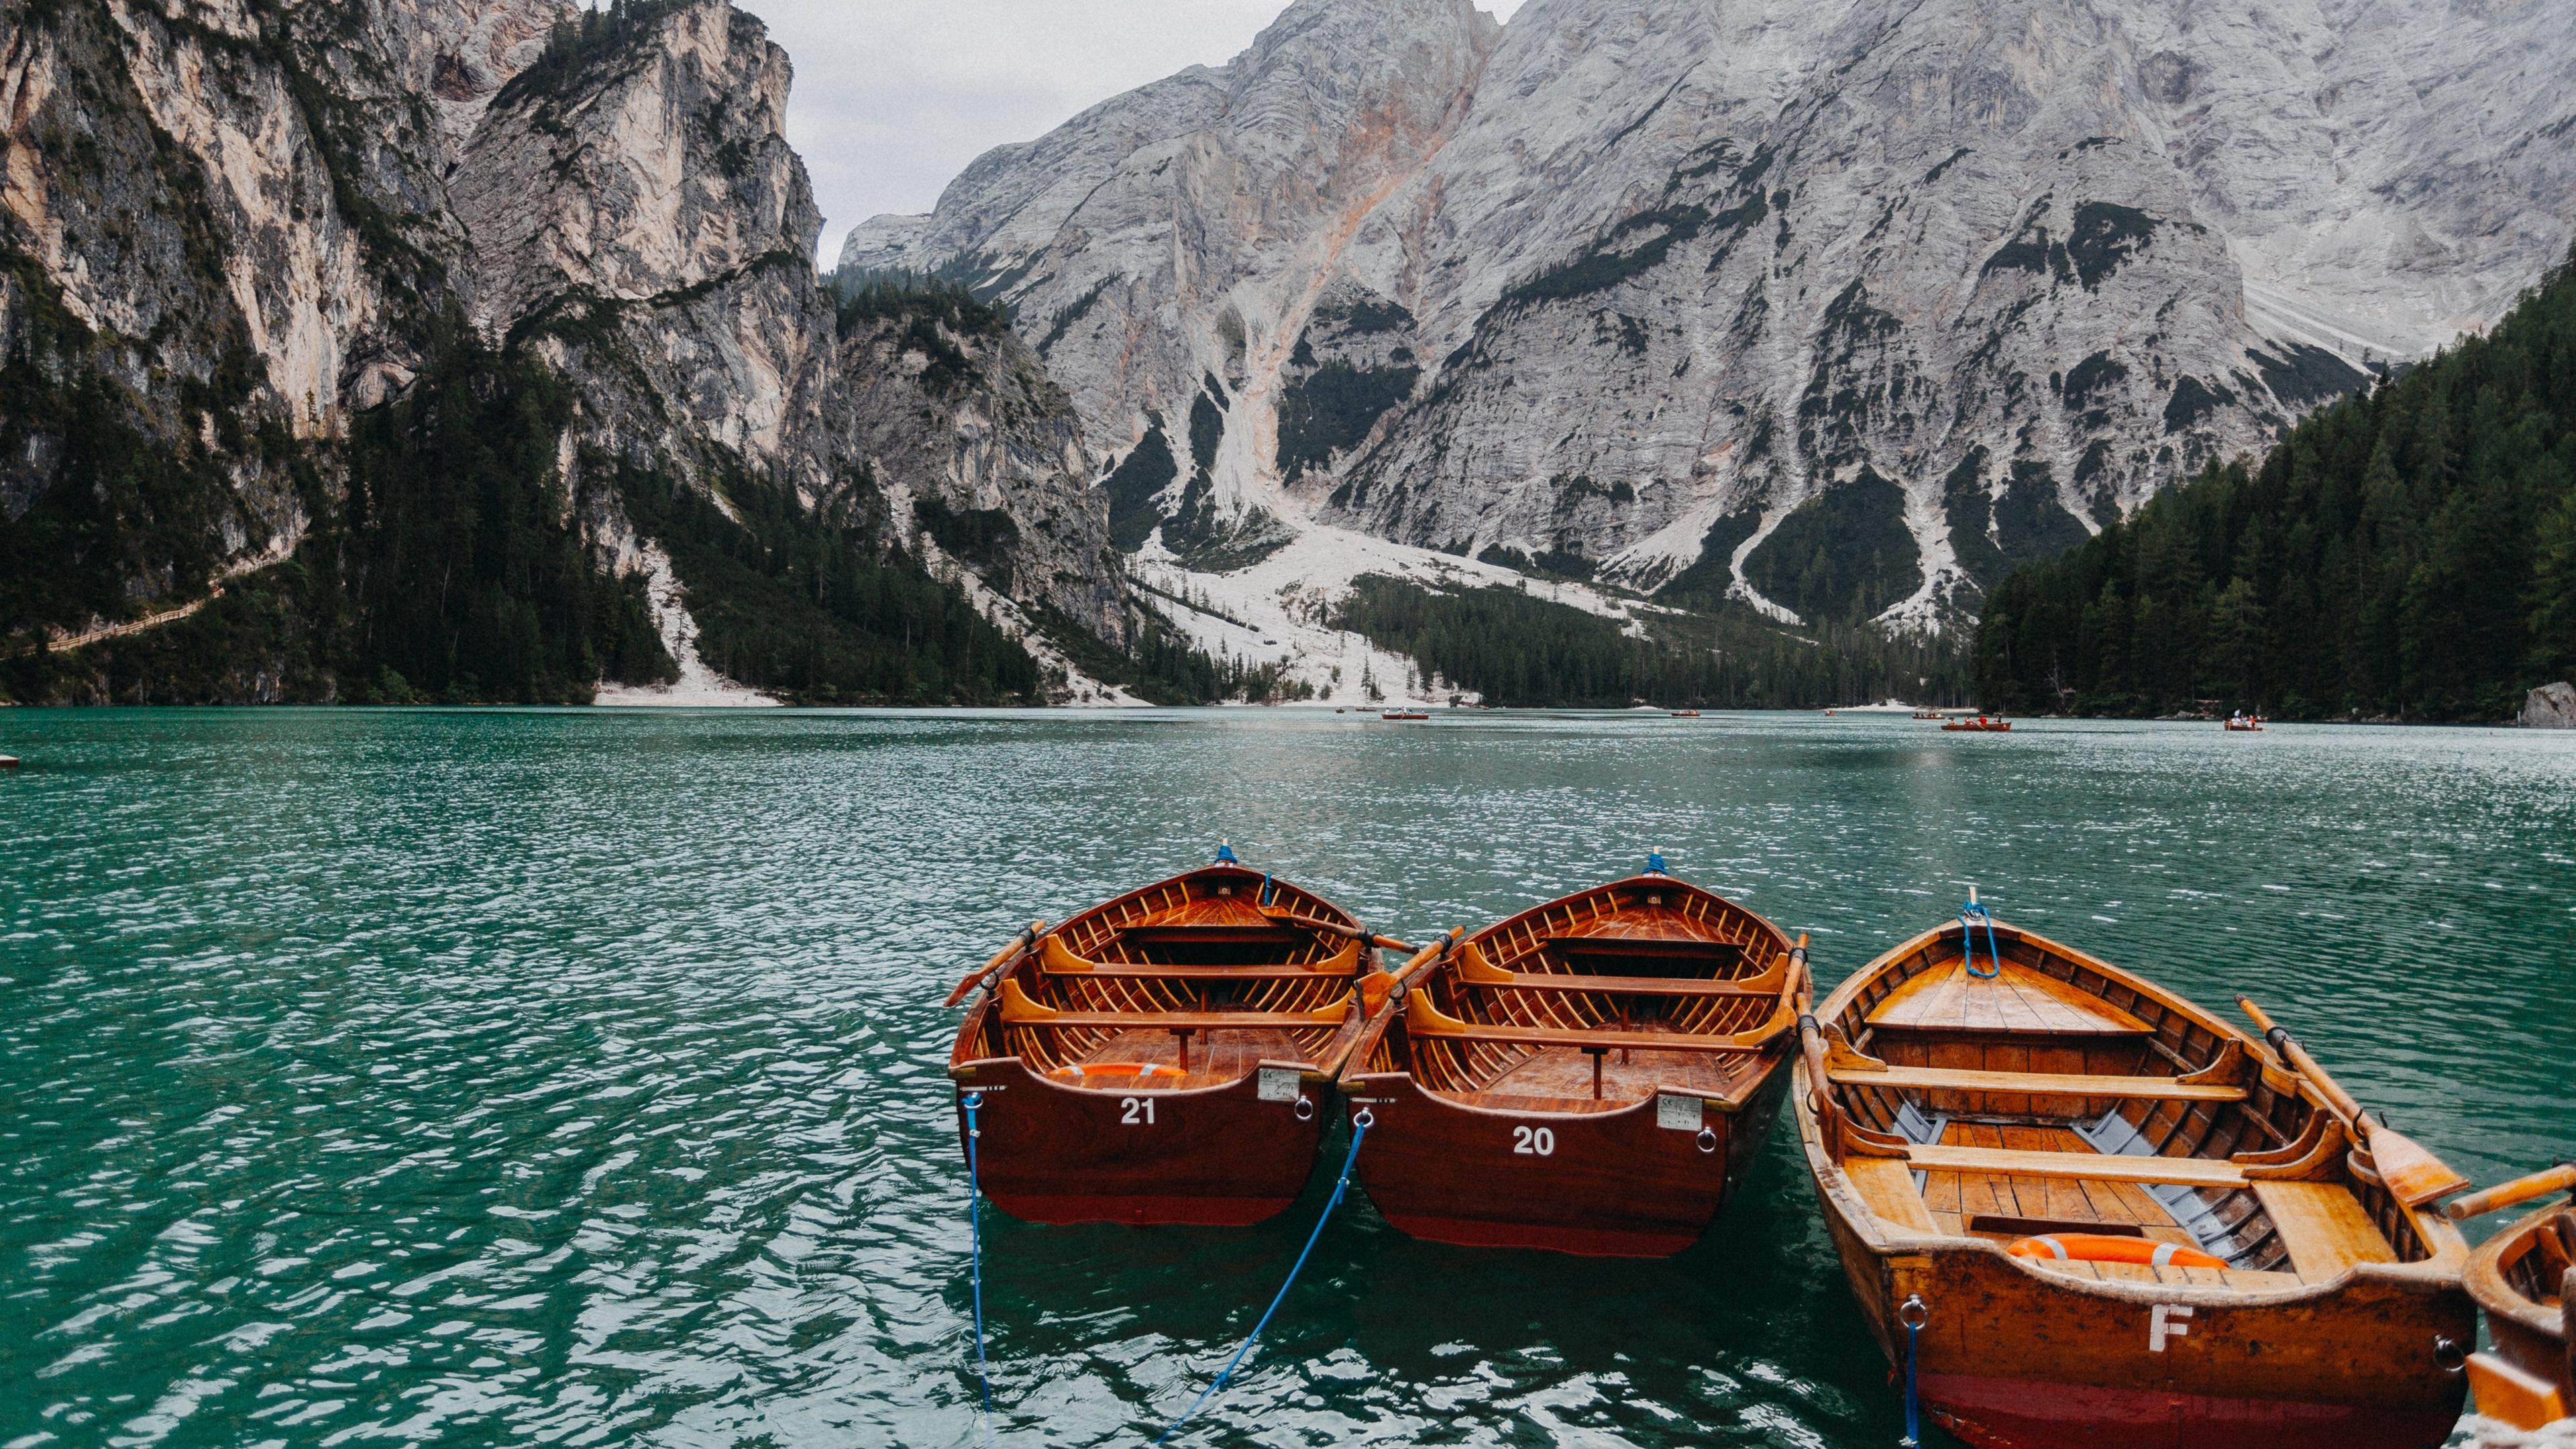 каньон горы озеро лодка анонимно